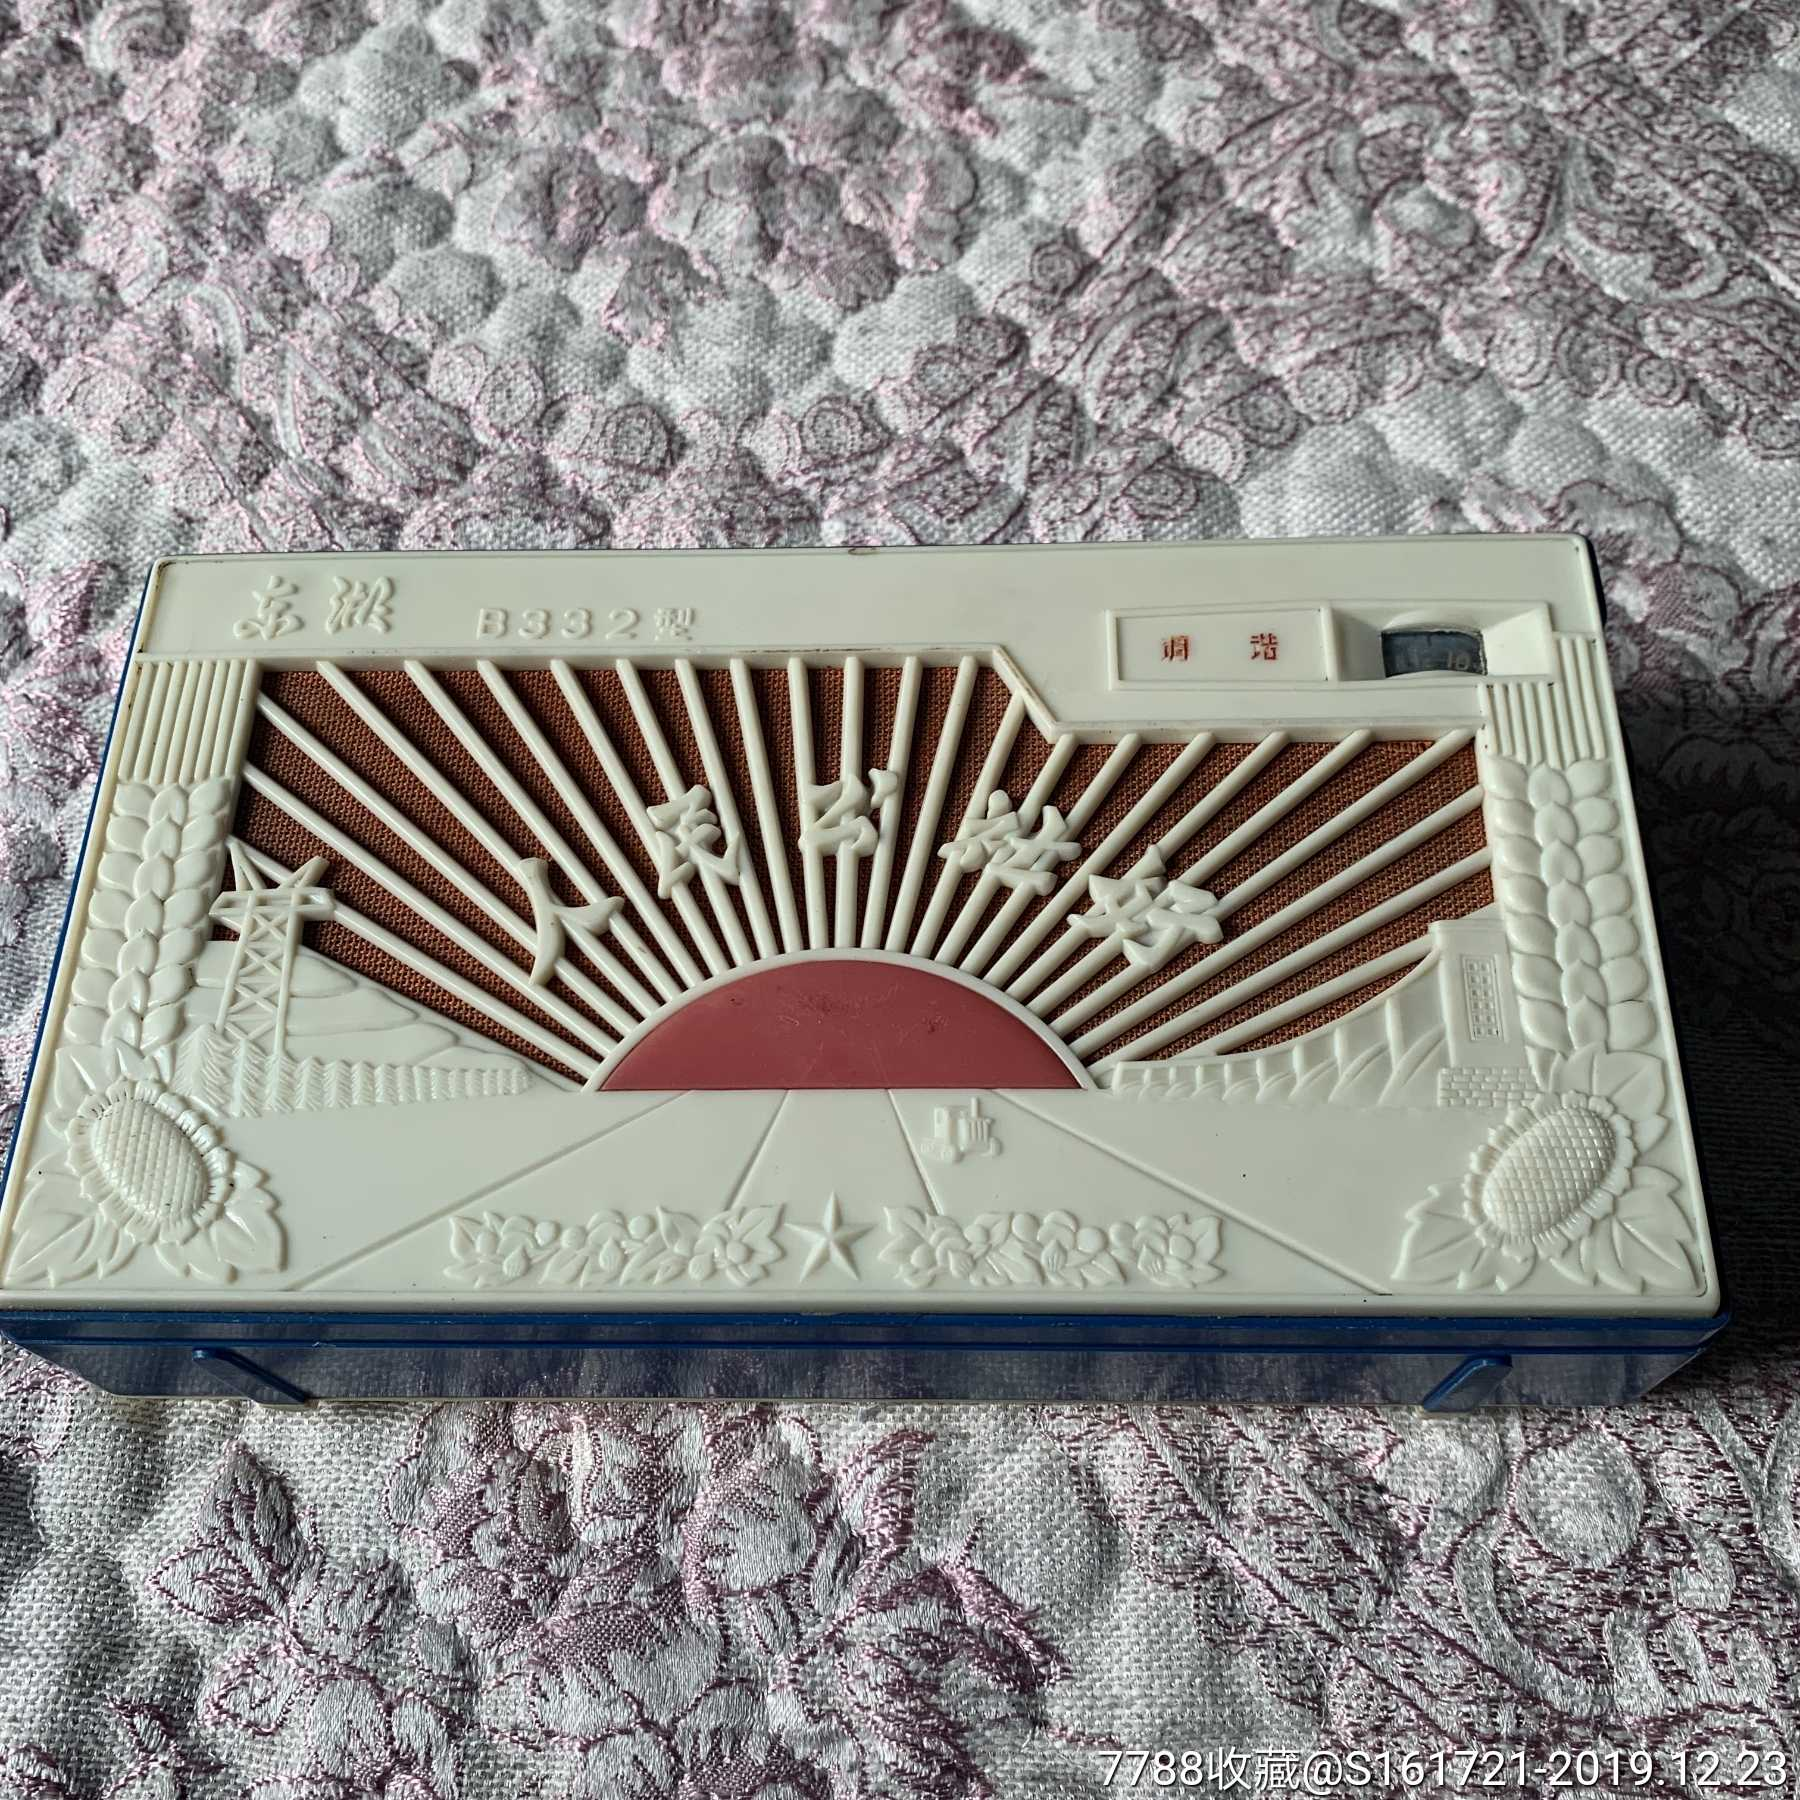 东湖B332晶体管收音机(au21970903)_